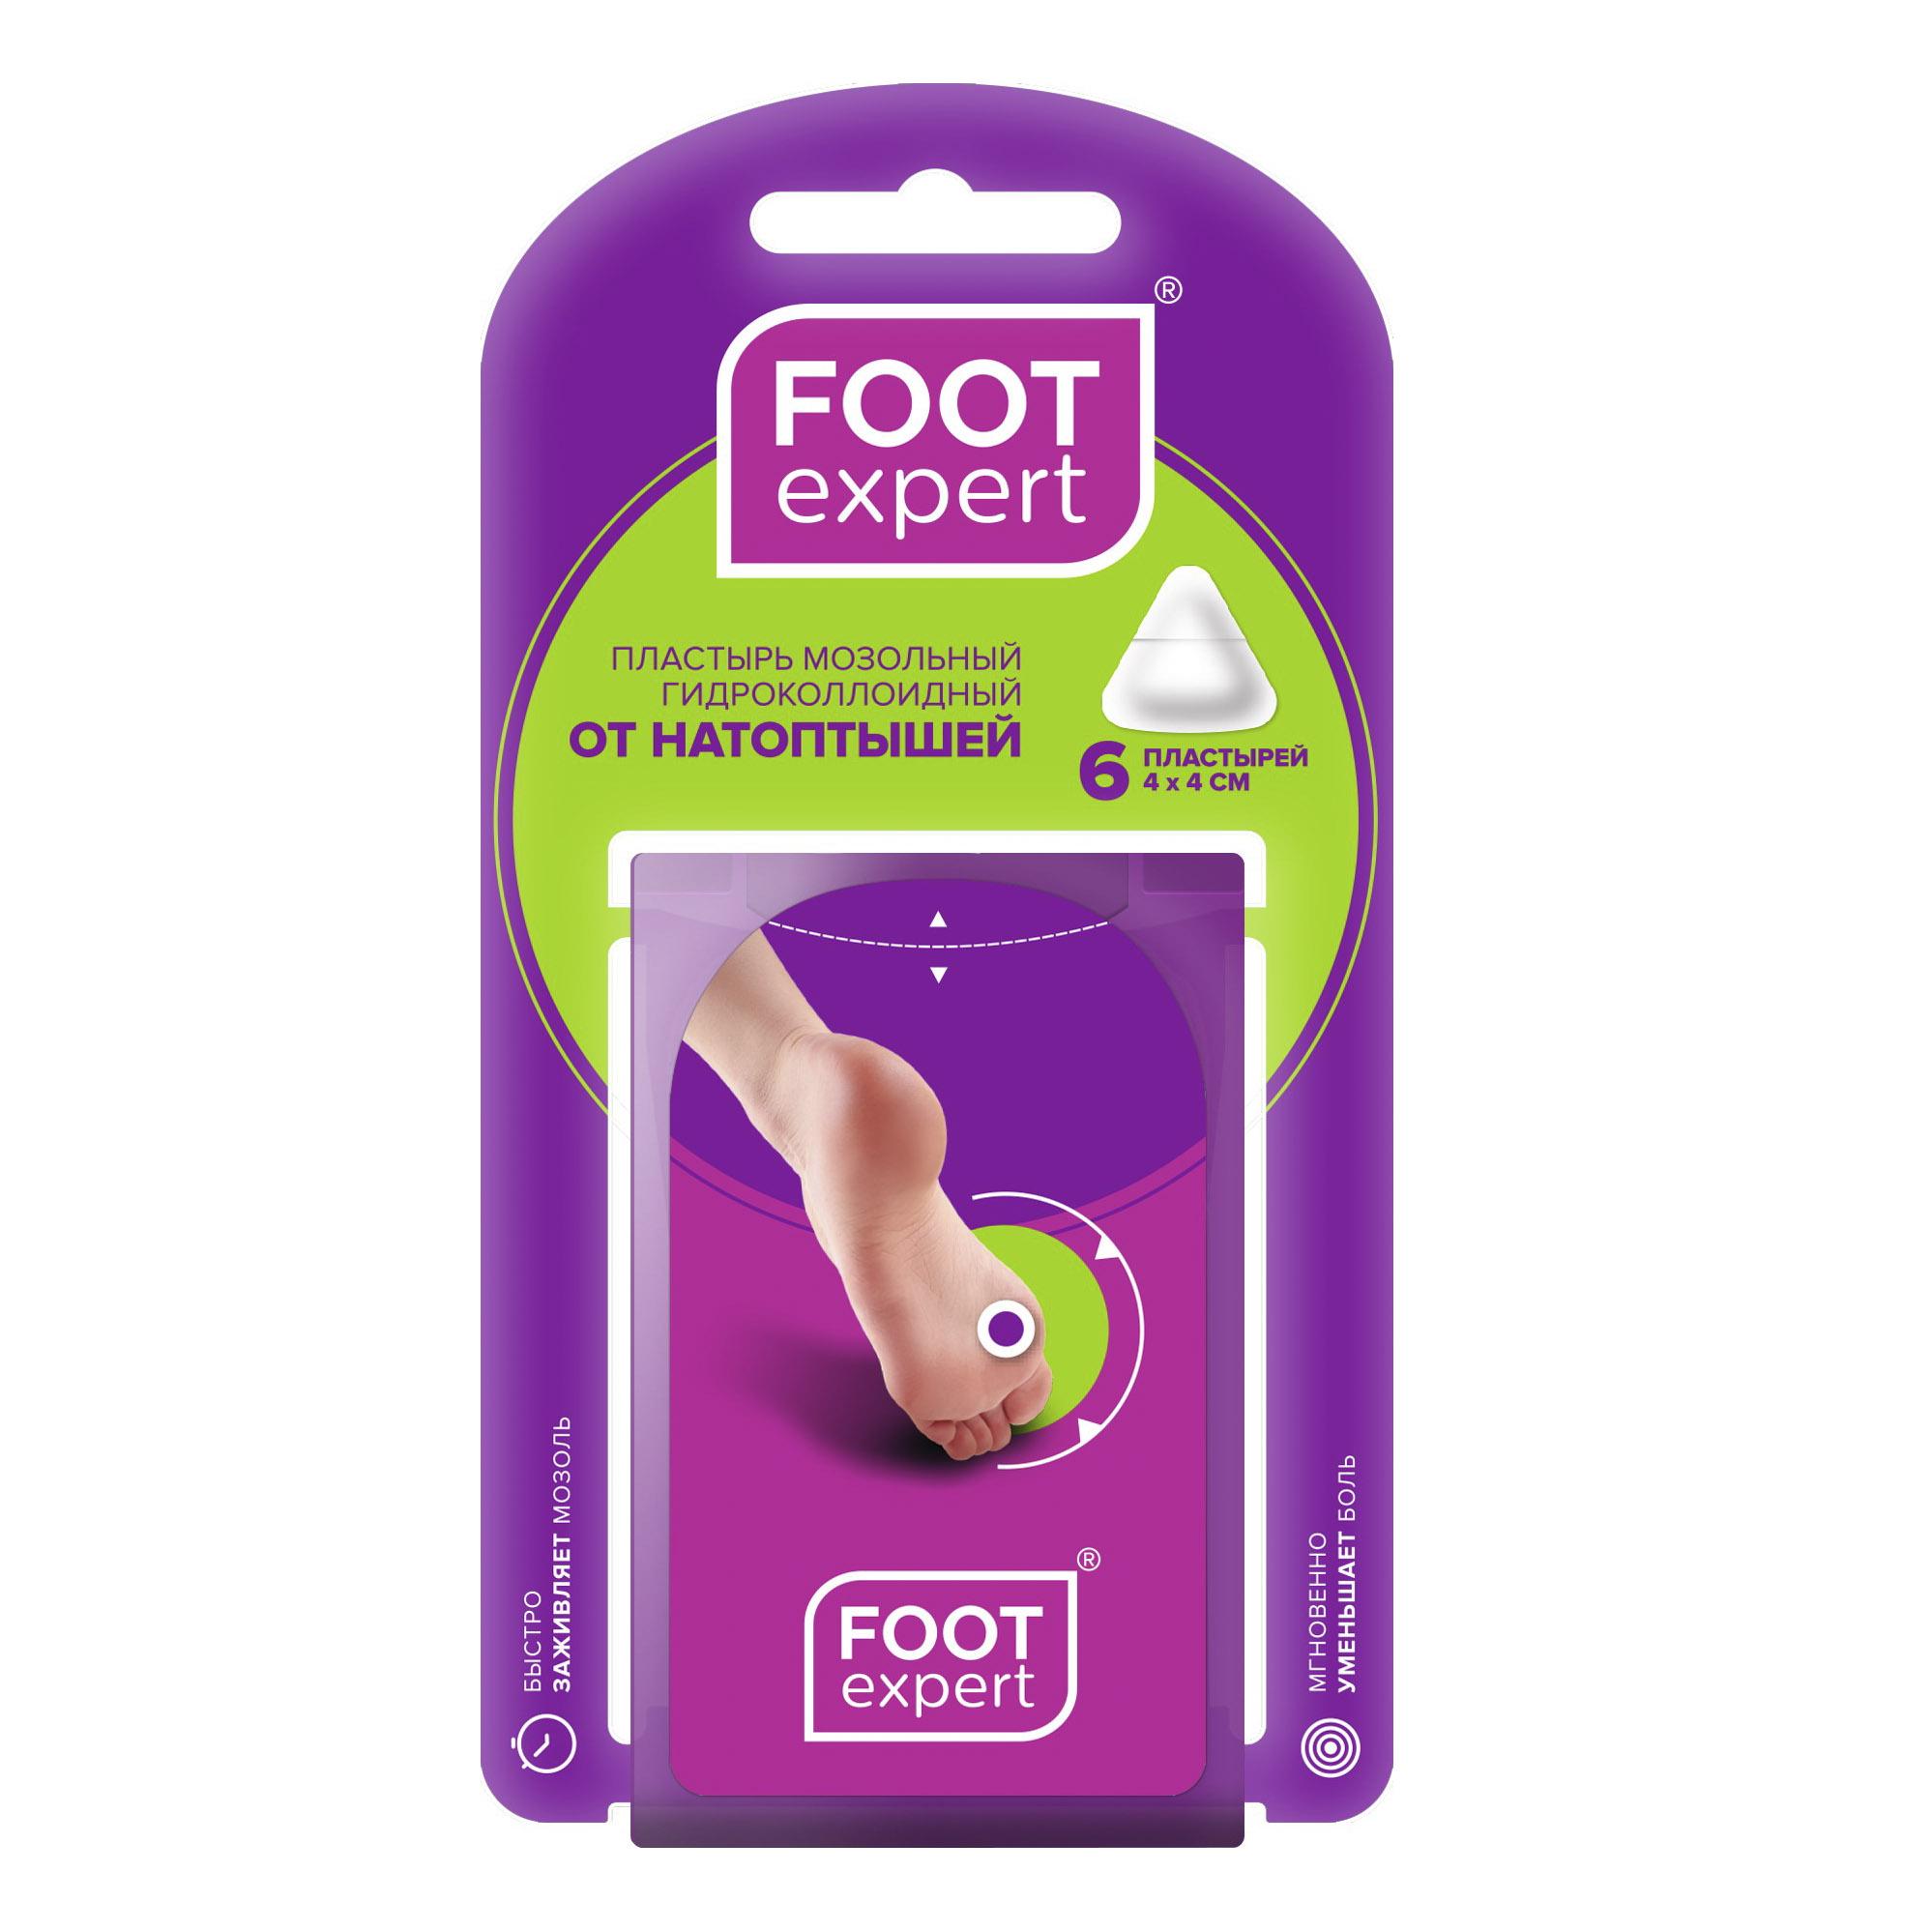 Гидроколлоидный пластырь Foot Expert от натоптышей 4х4 см